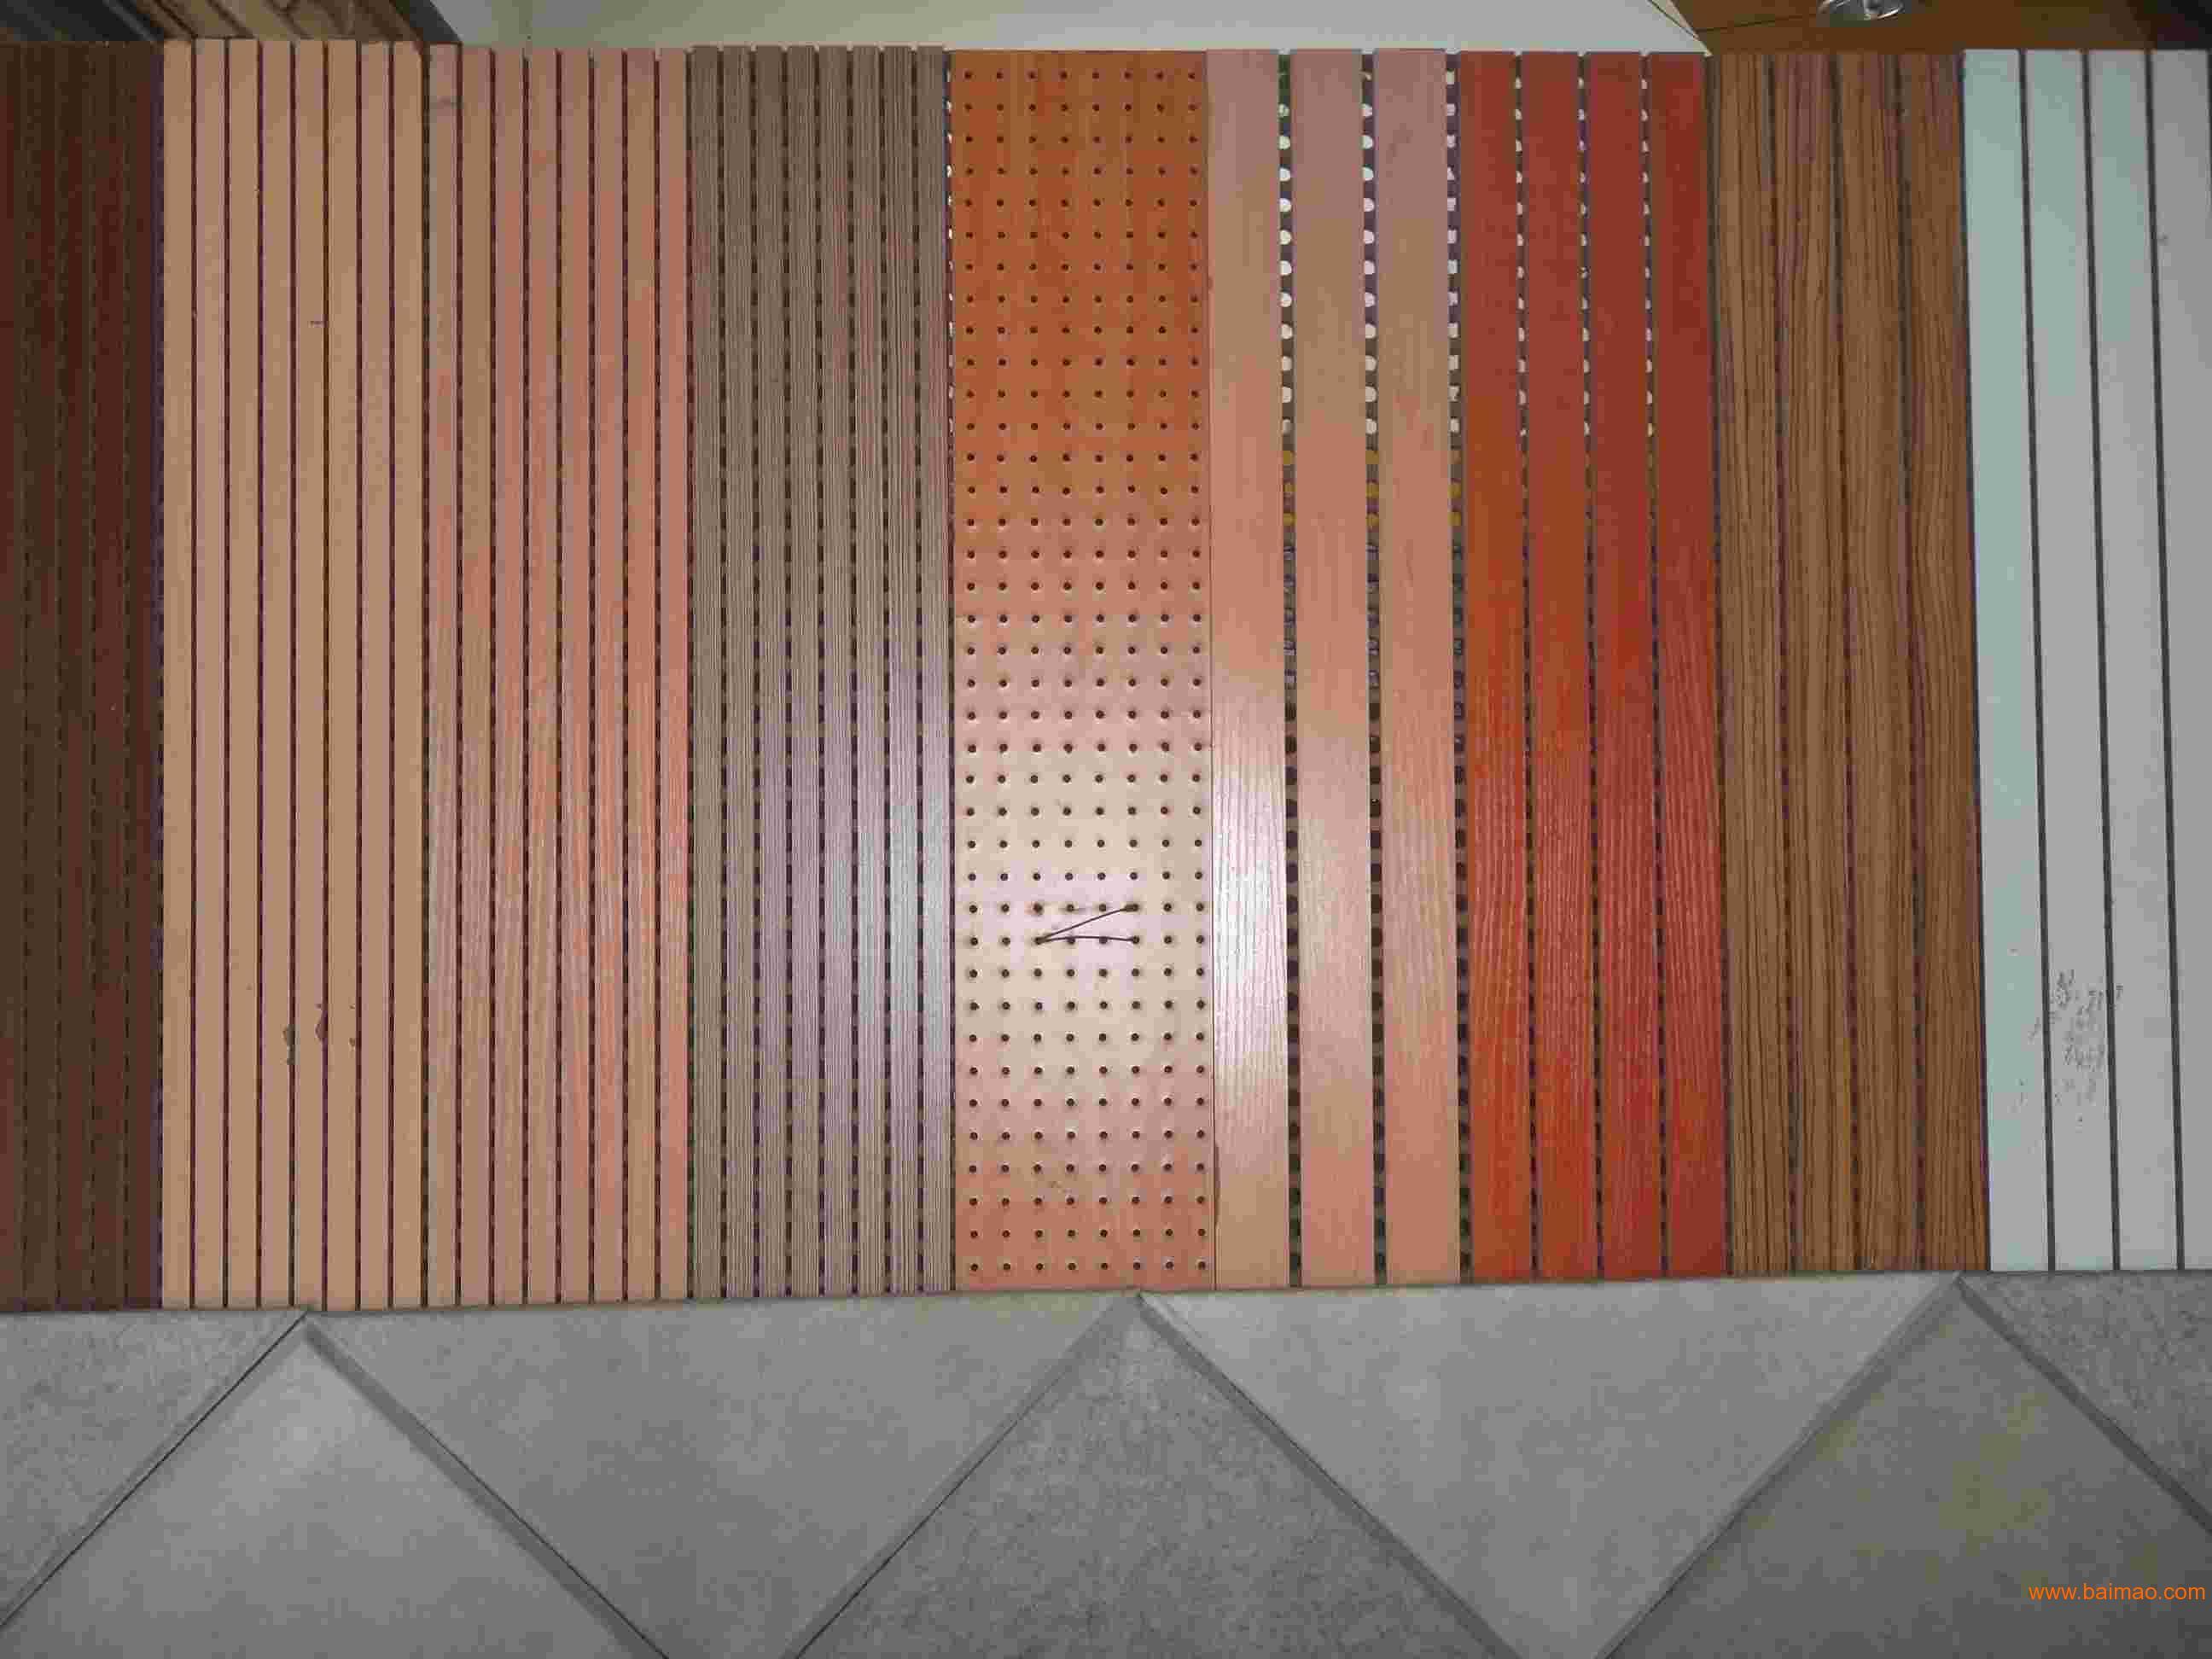 木质吸音板实体产品2